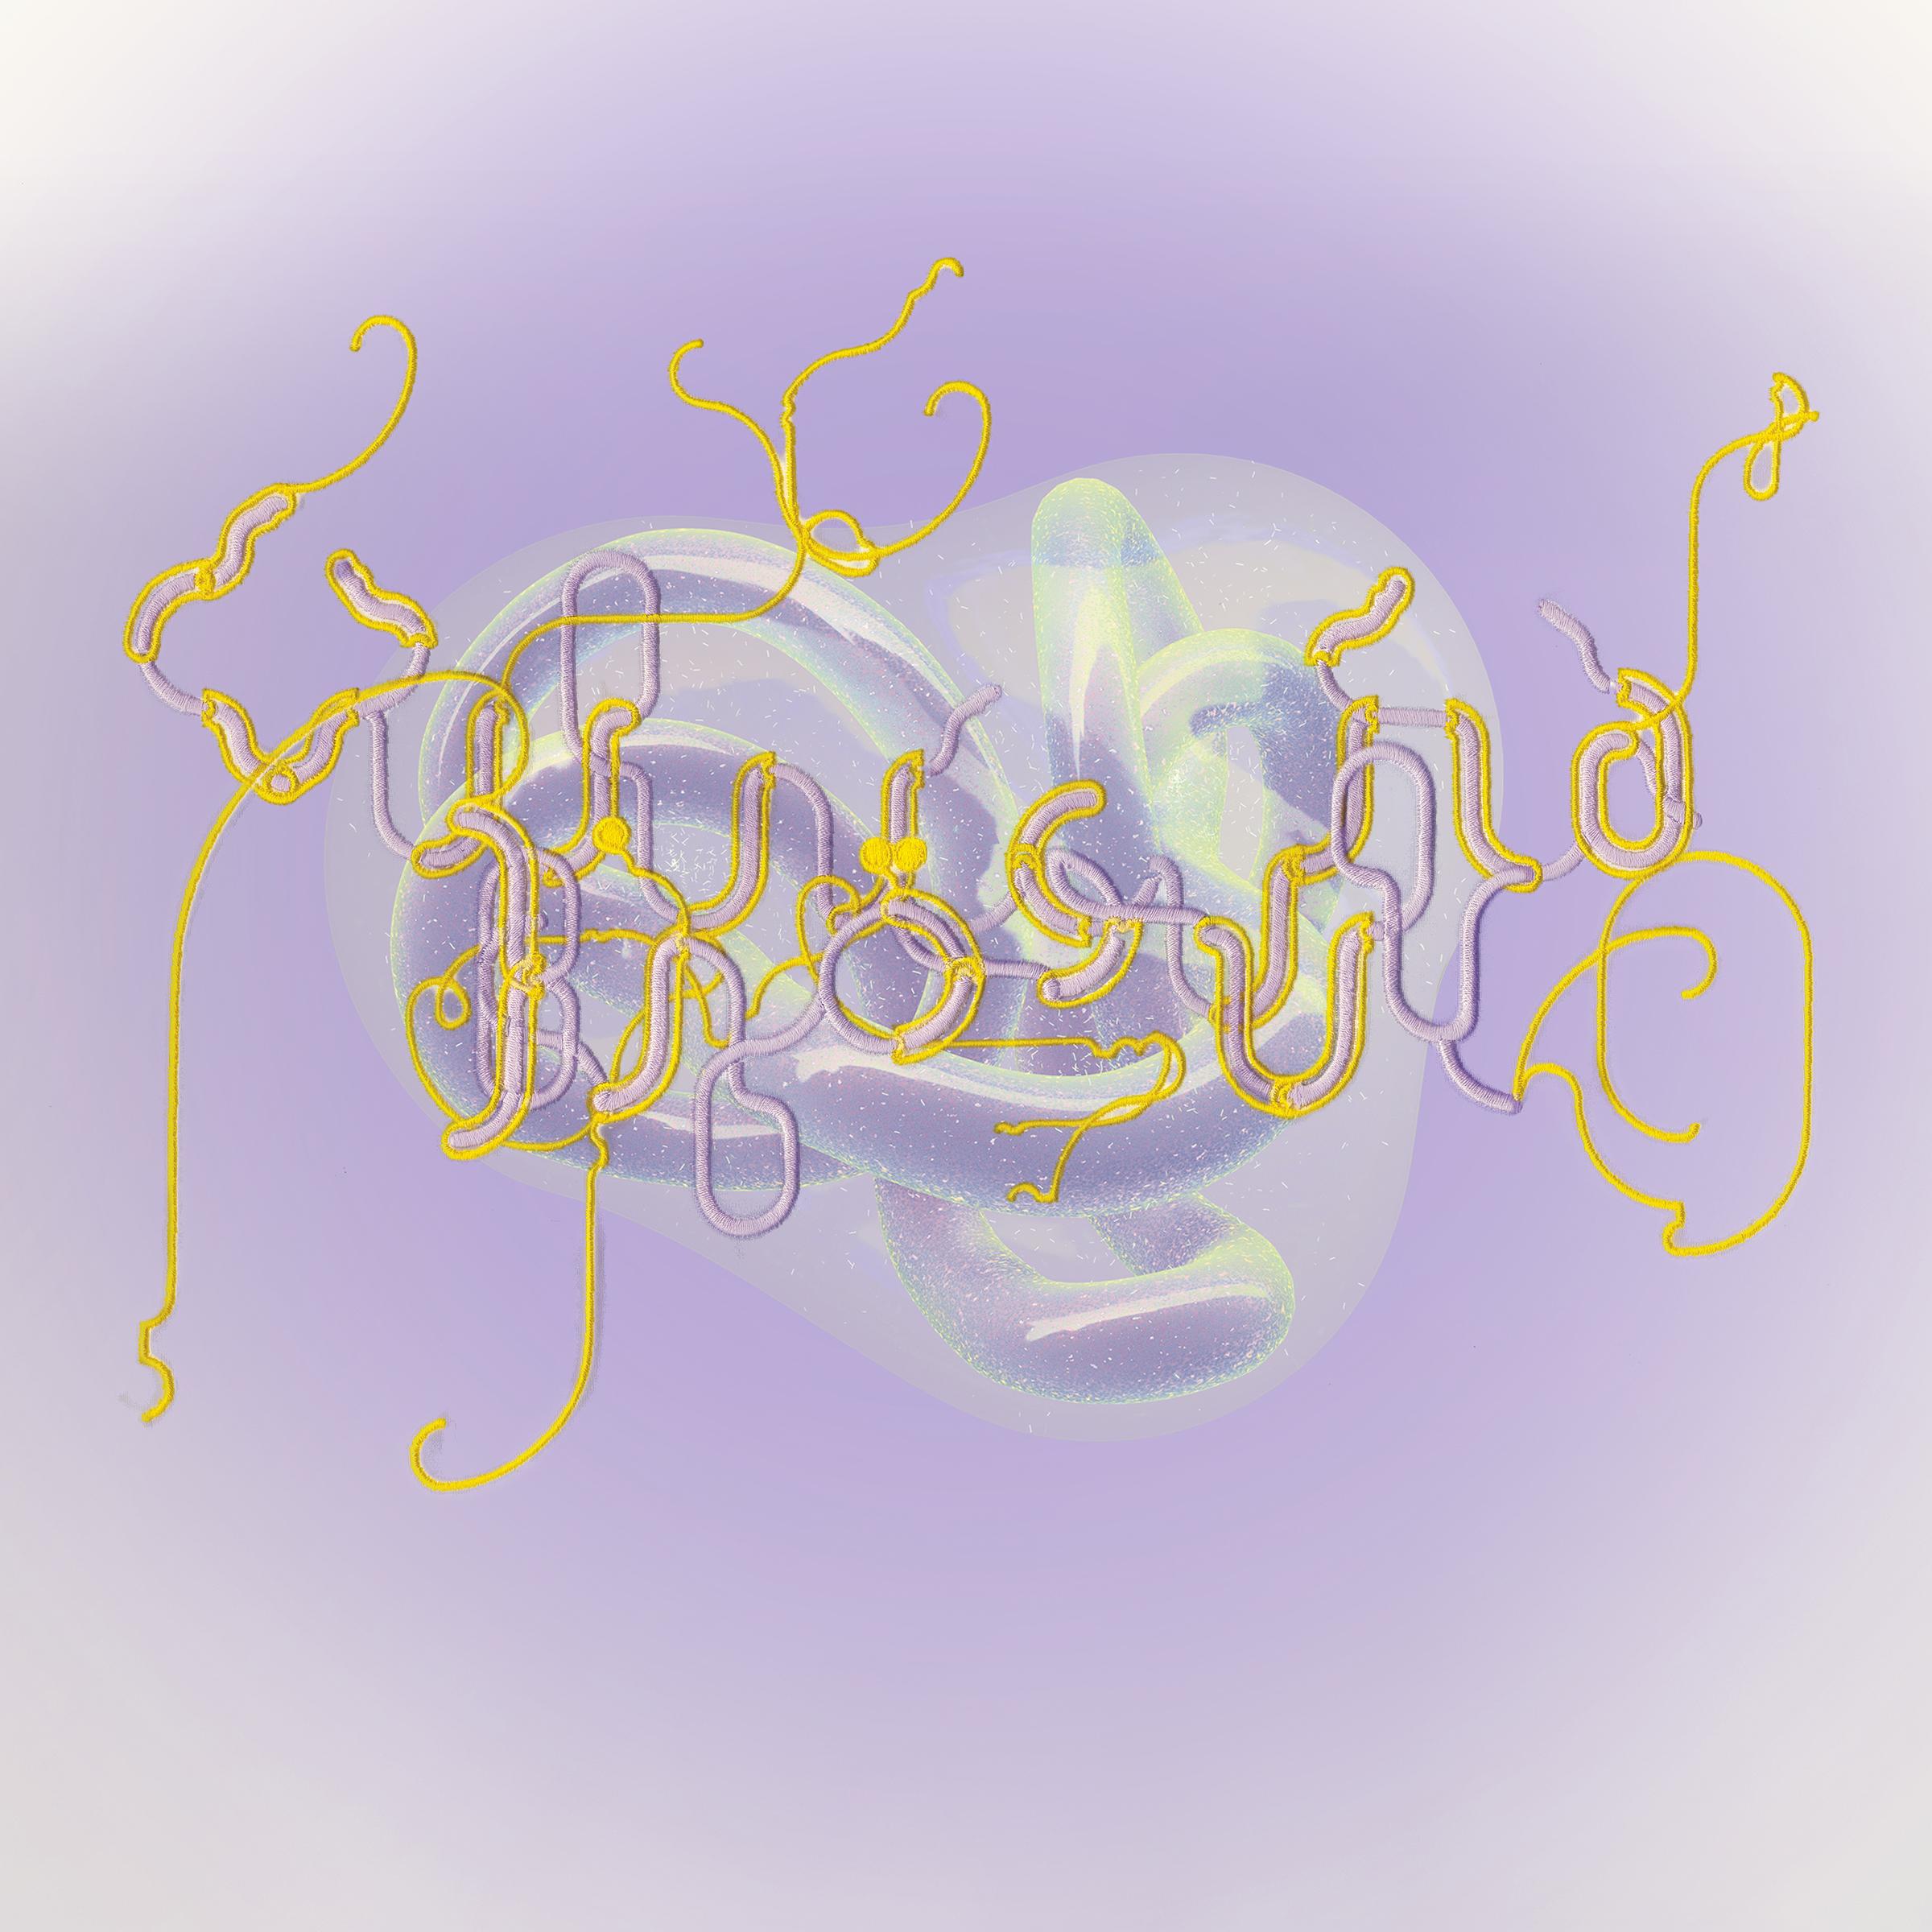 artworks-000120743183-6i3oxw-original.jp